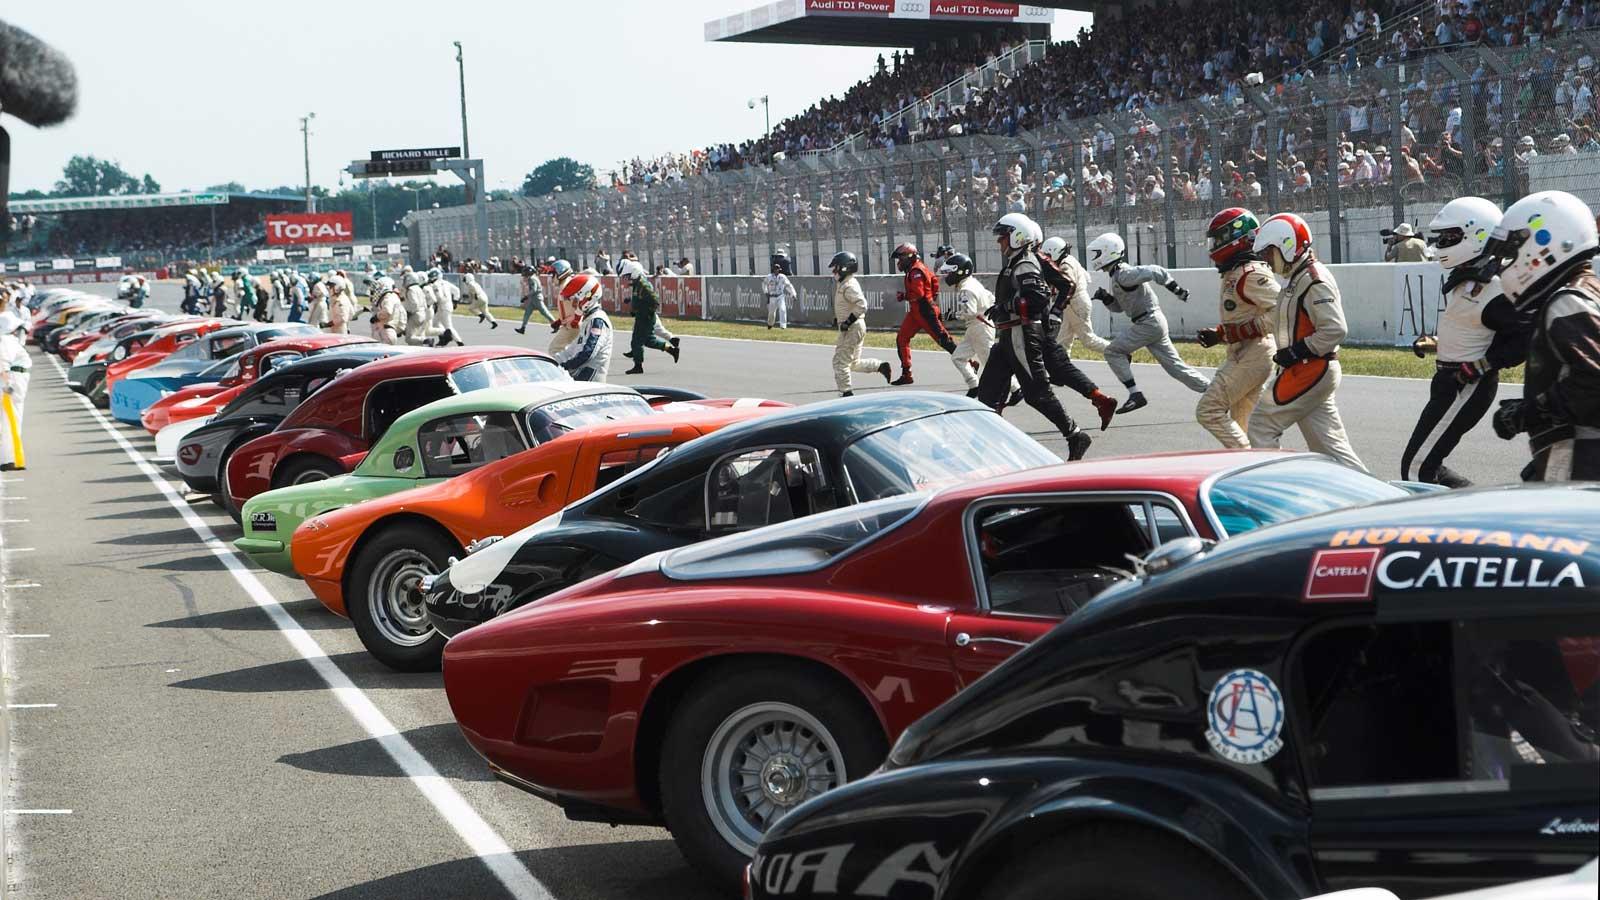 Le Mans Classic 1-4 July 2021